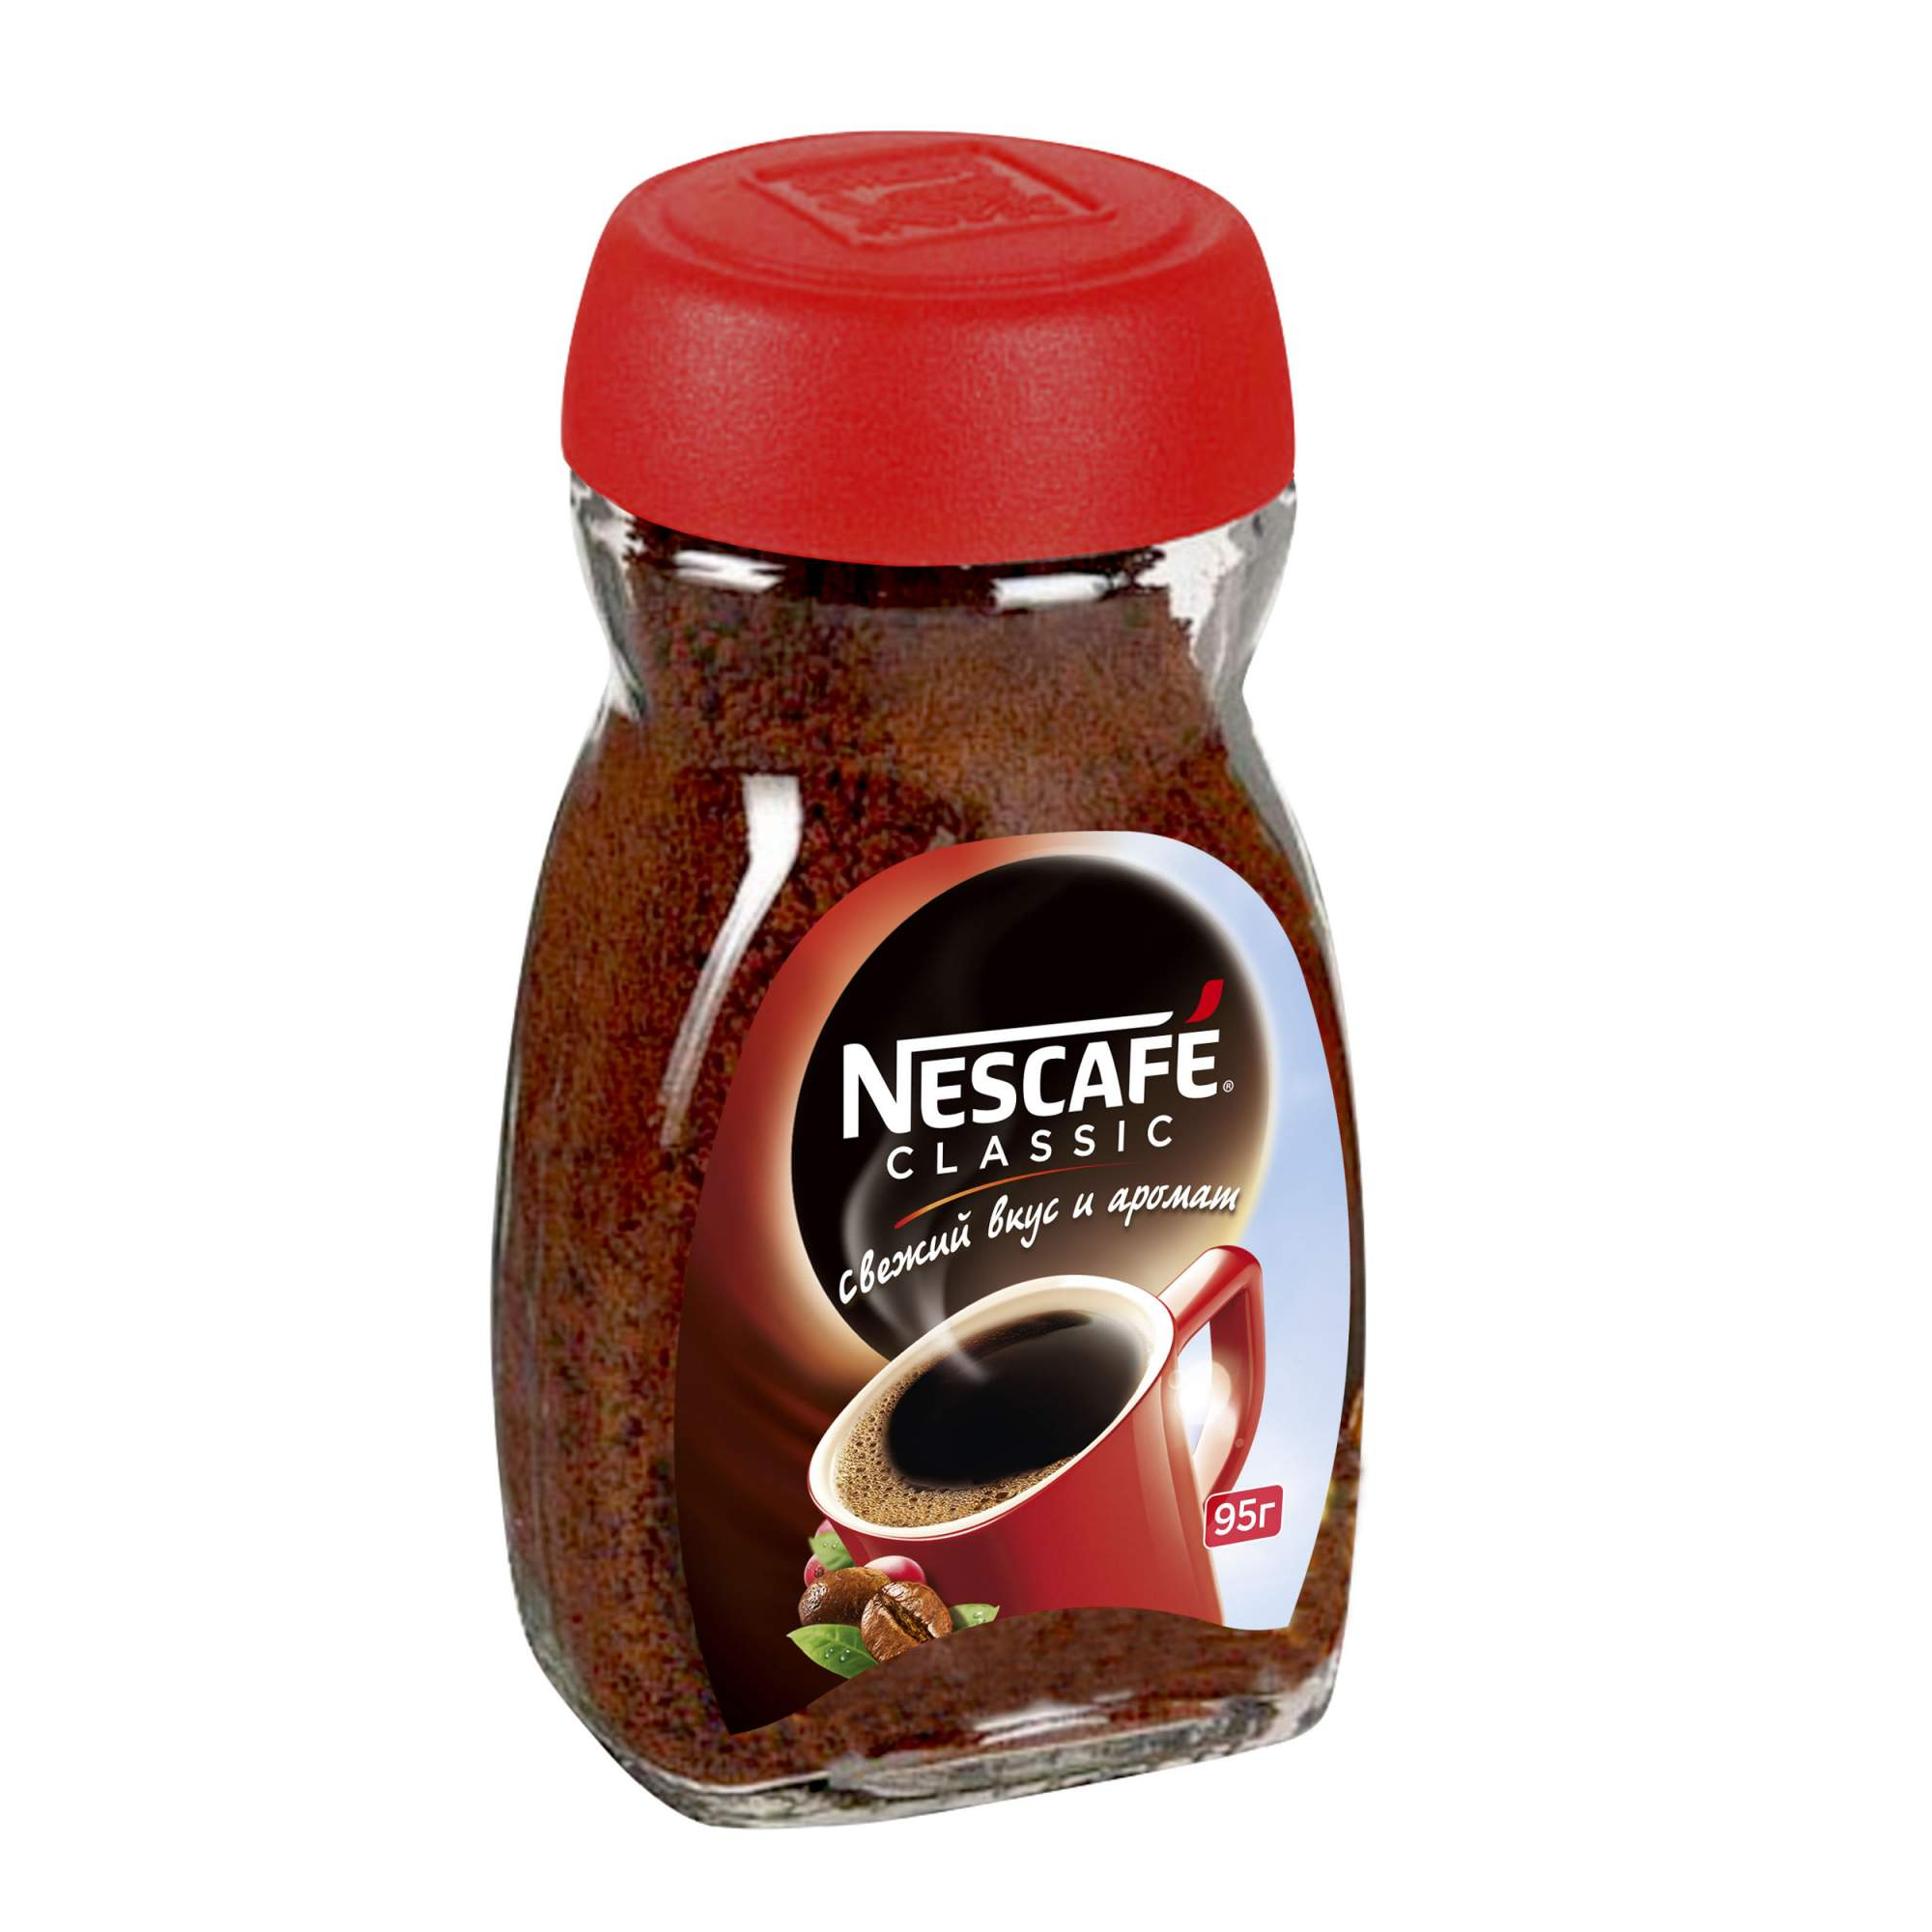 Баночка кофе картинки